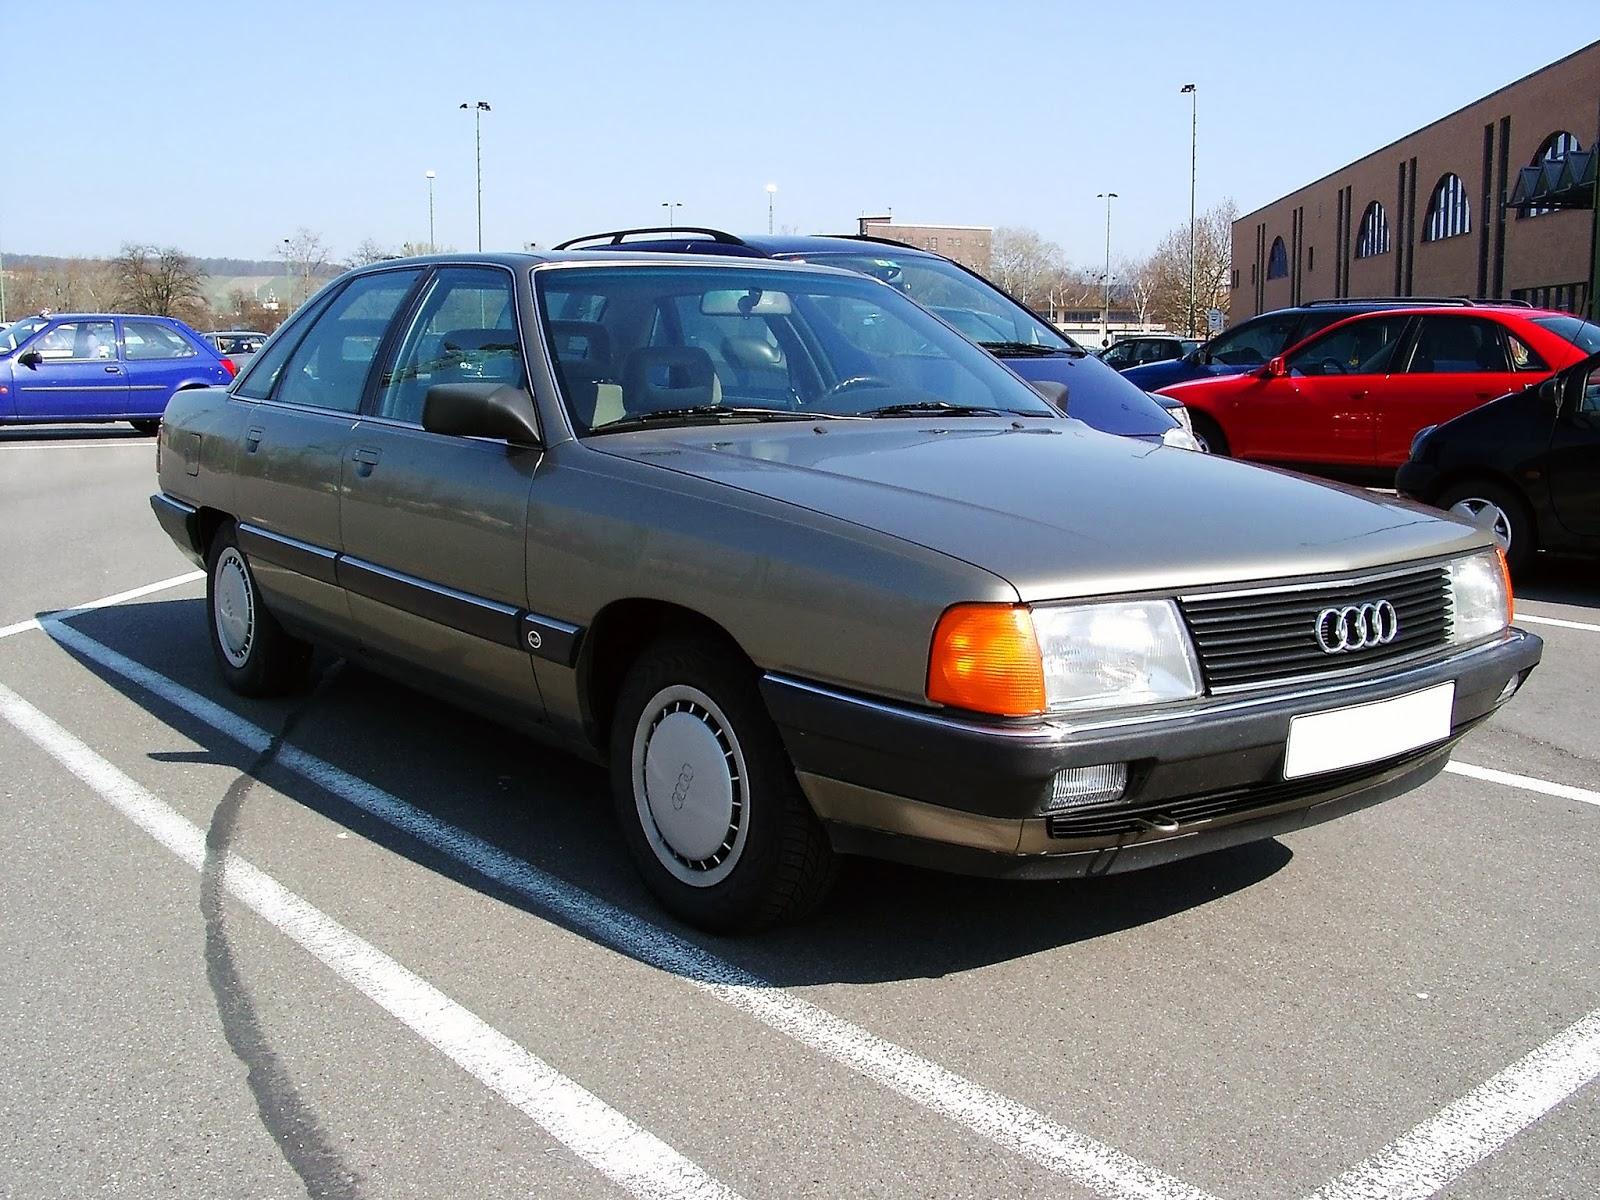 Curiosités automobiles et voitures de collection: La Hongqi CA 7200, une Audi 100 chinoise.